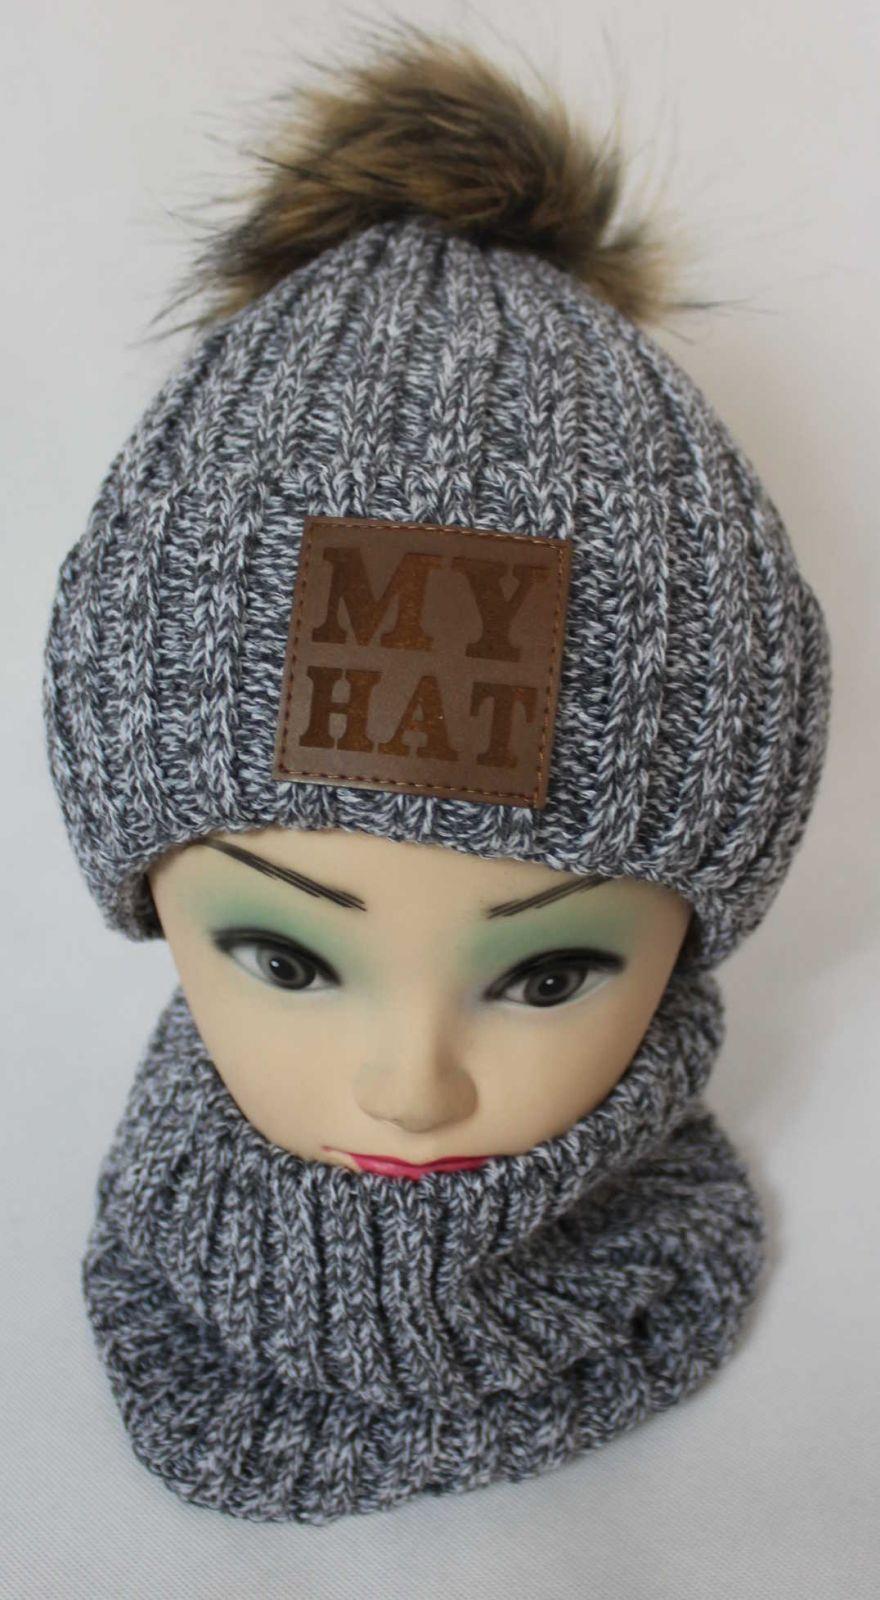 čepice a šála, čepice s bambulí, šála, zimní čepice, zateplená čepice, nákrčník